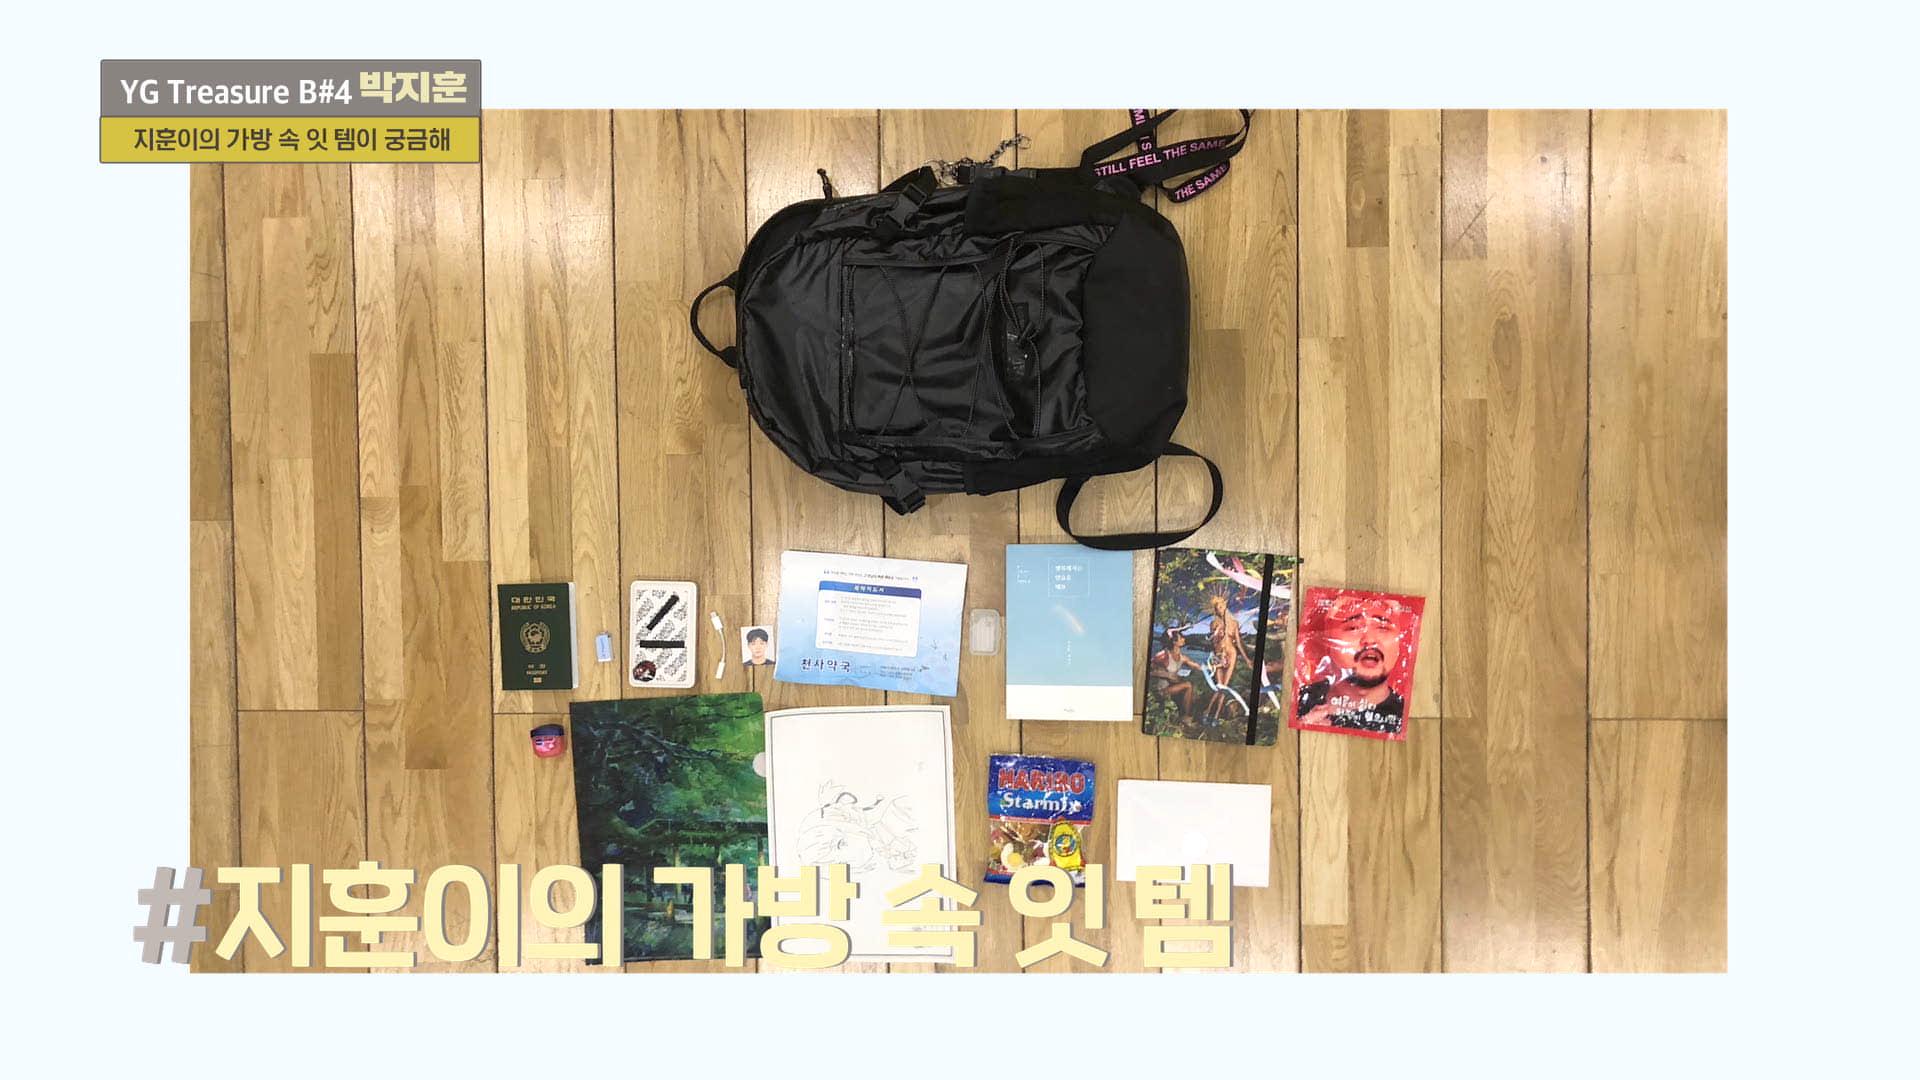 [IN MY BAG] 박지훈 <PARK JIHOON> l YG보석함